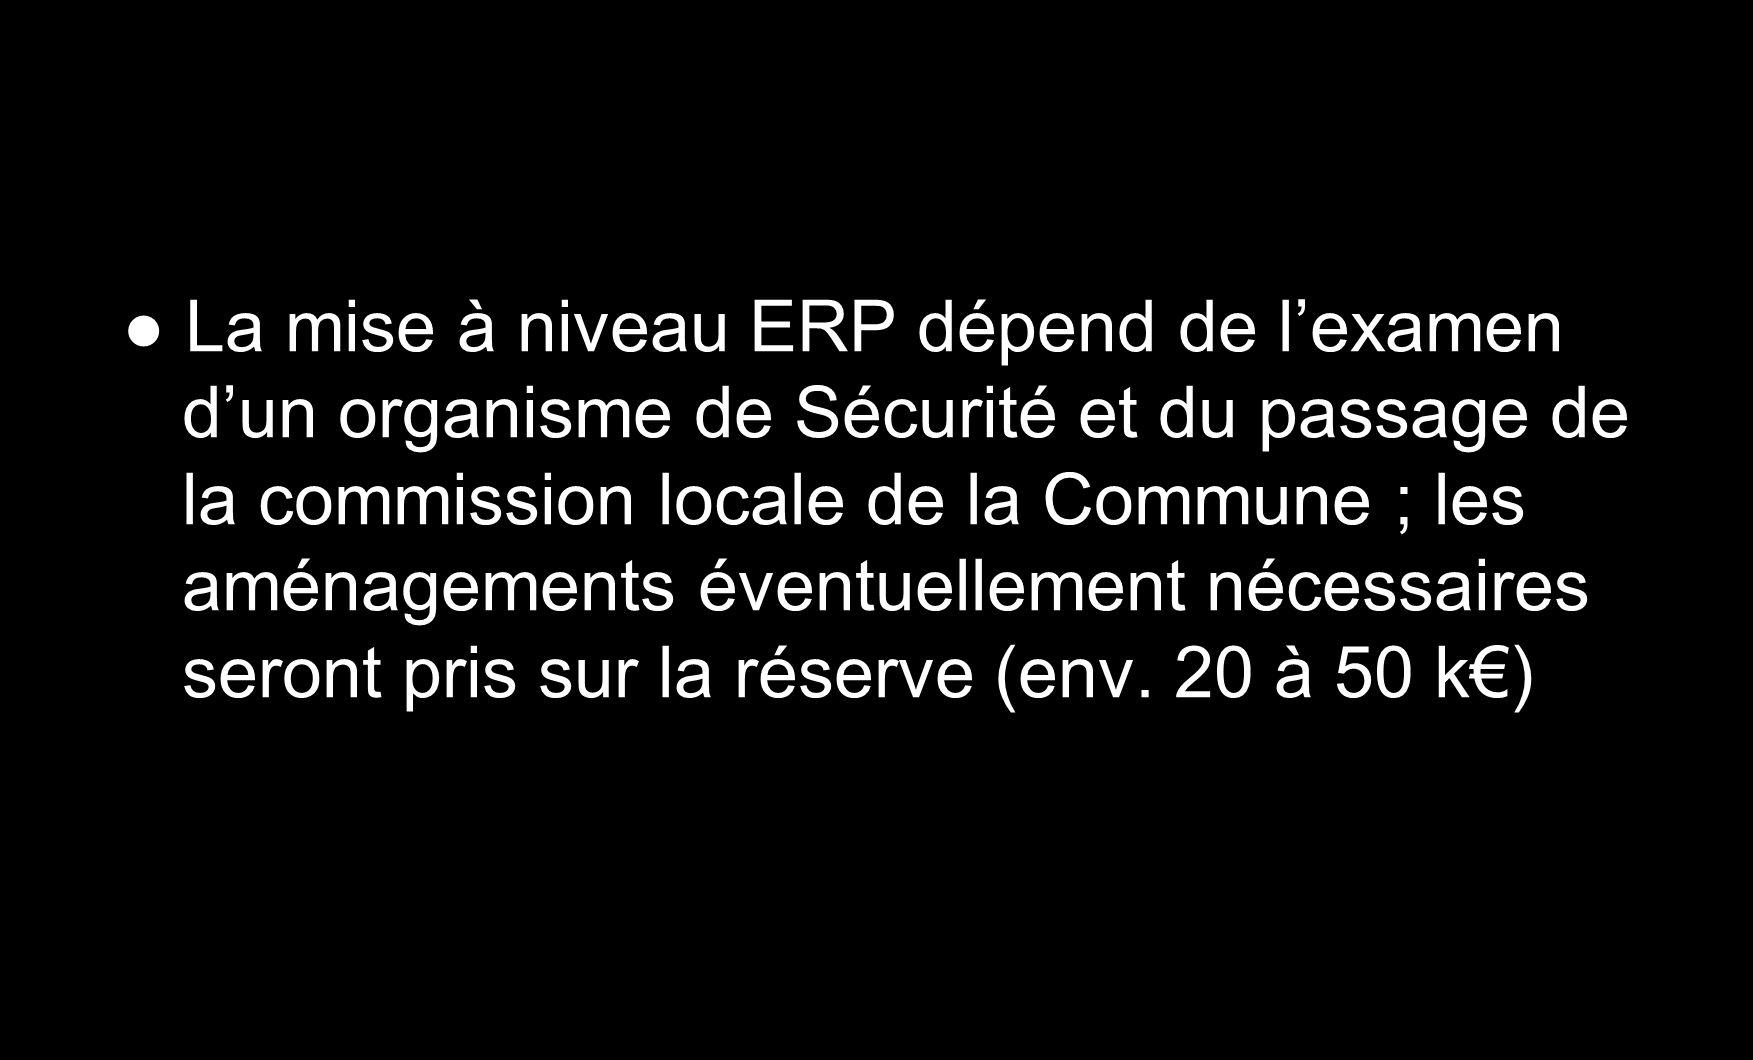 La mise à niveau ERP dépend de lexamen dun organisme de Sécurité et du passage de la commission locale de la Commune ; les aménagements éventuellement